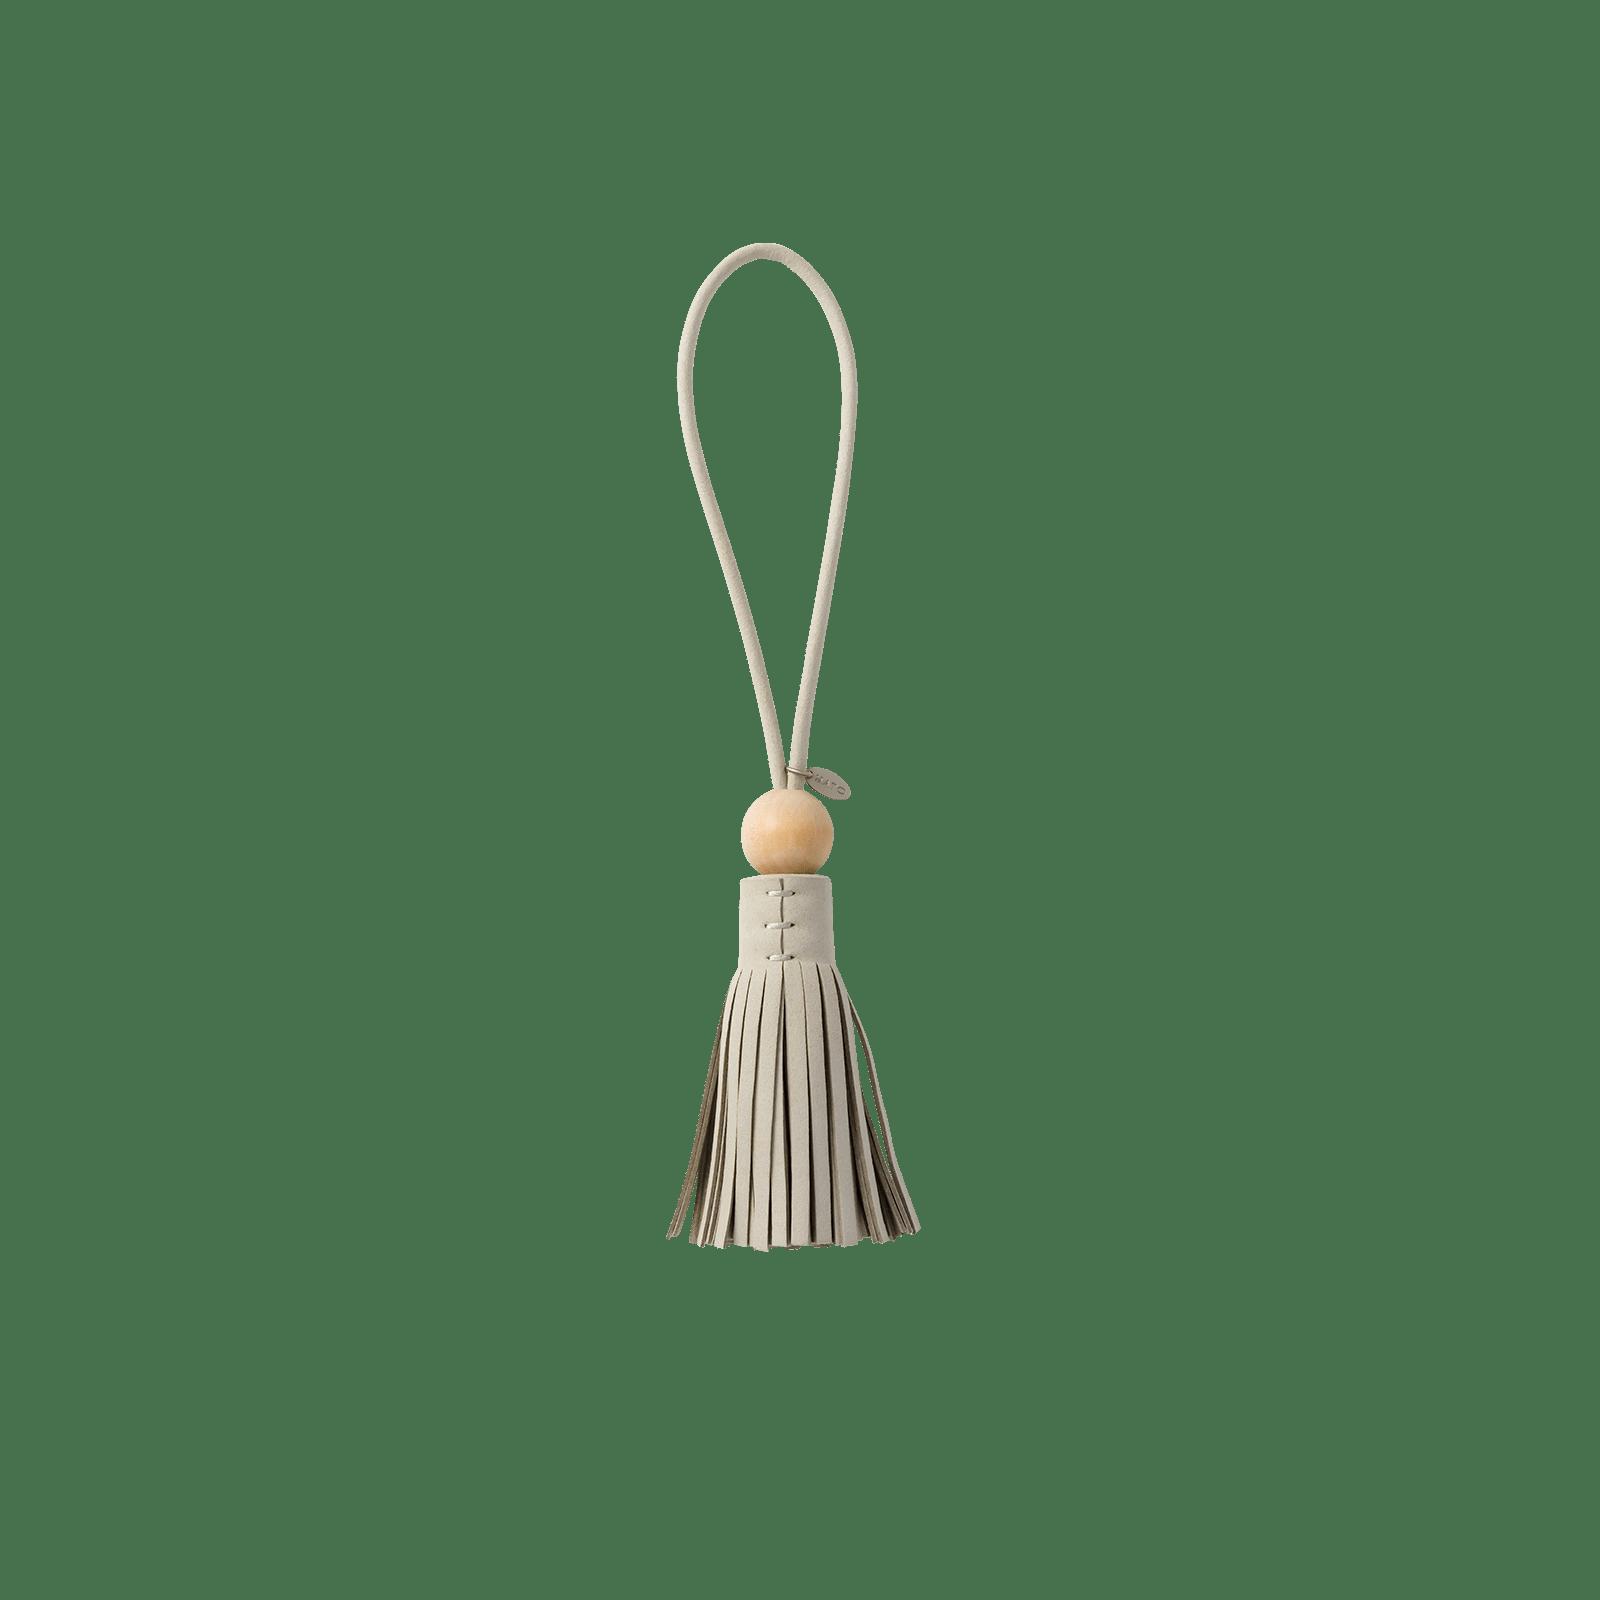 broom tassel 1 fog